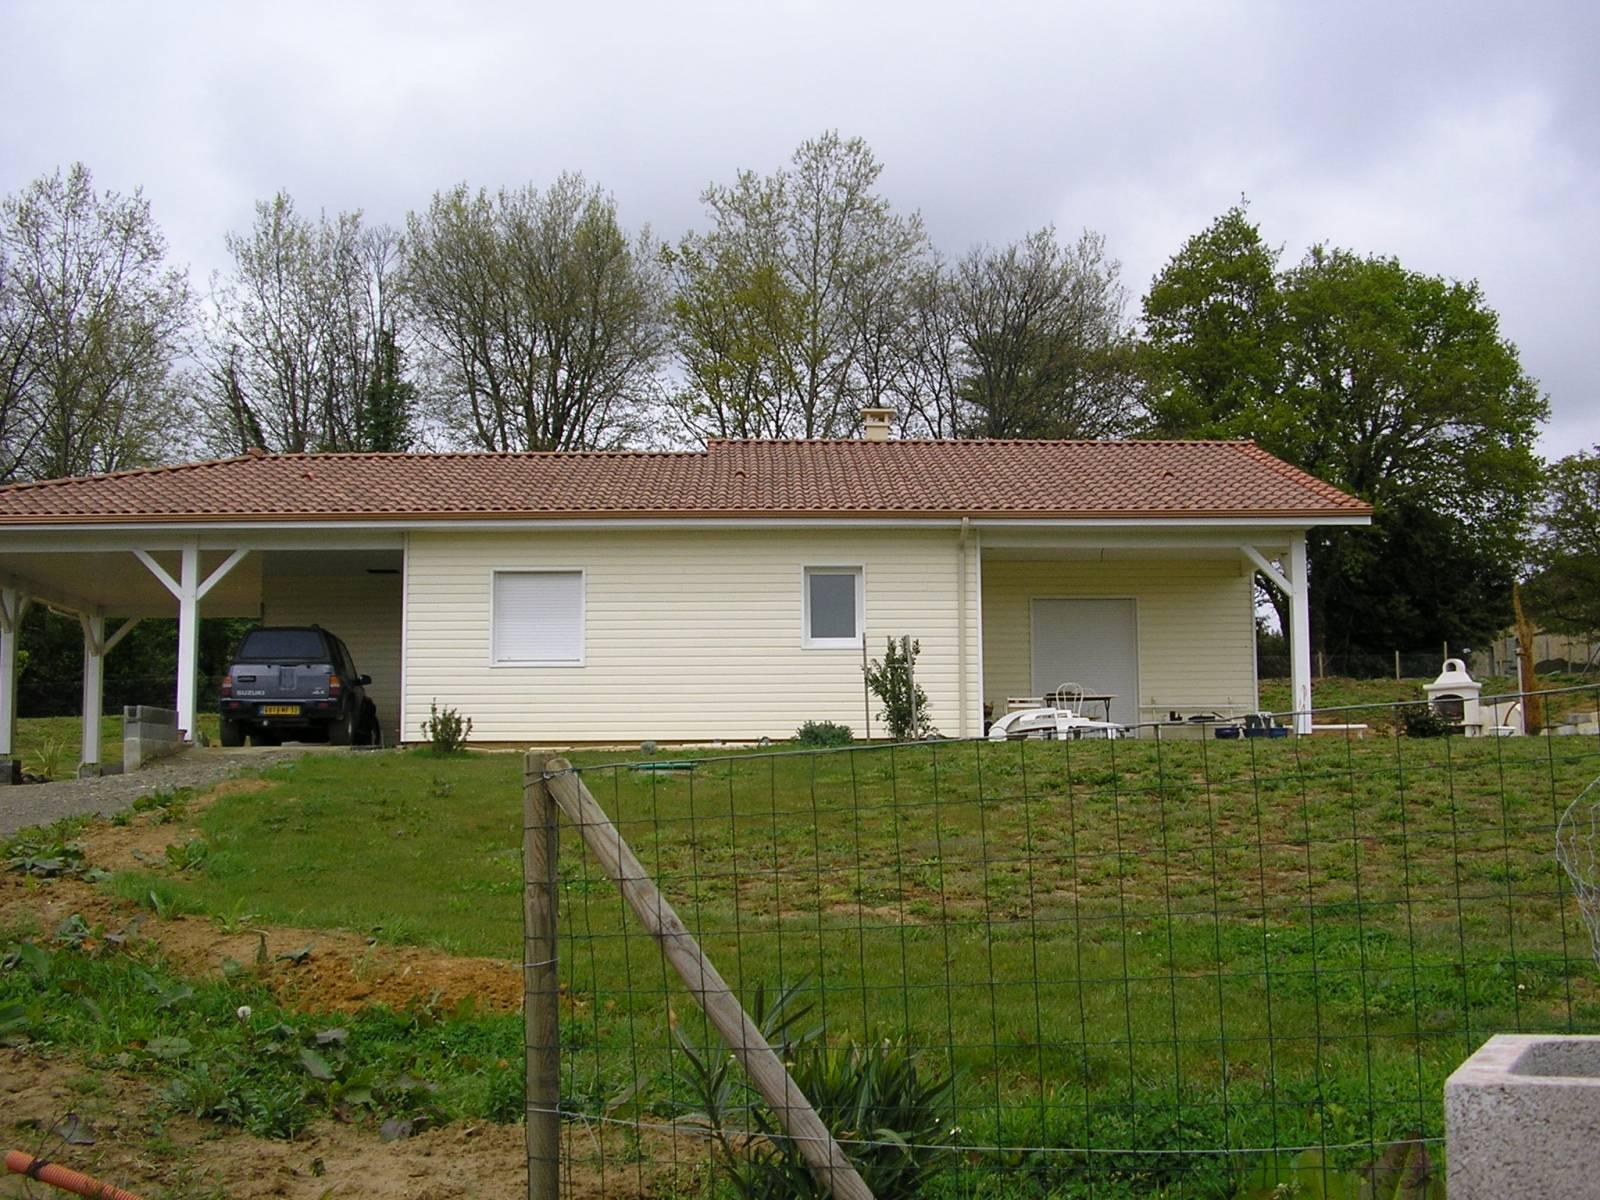 Maison ossature bois réf 16 près de Nogaro dans le Gers (32)  Cogebois